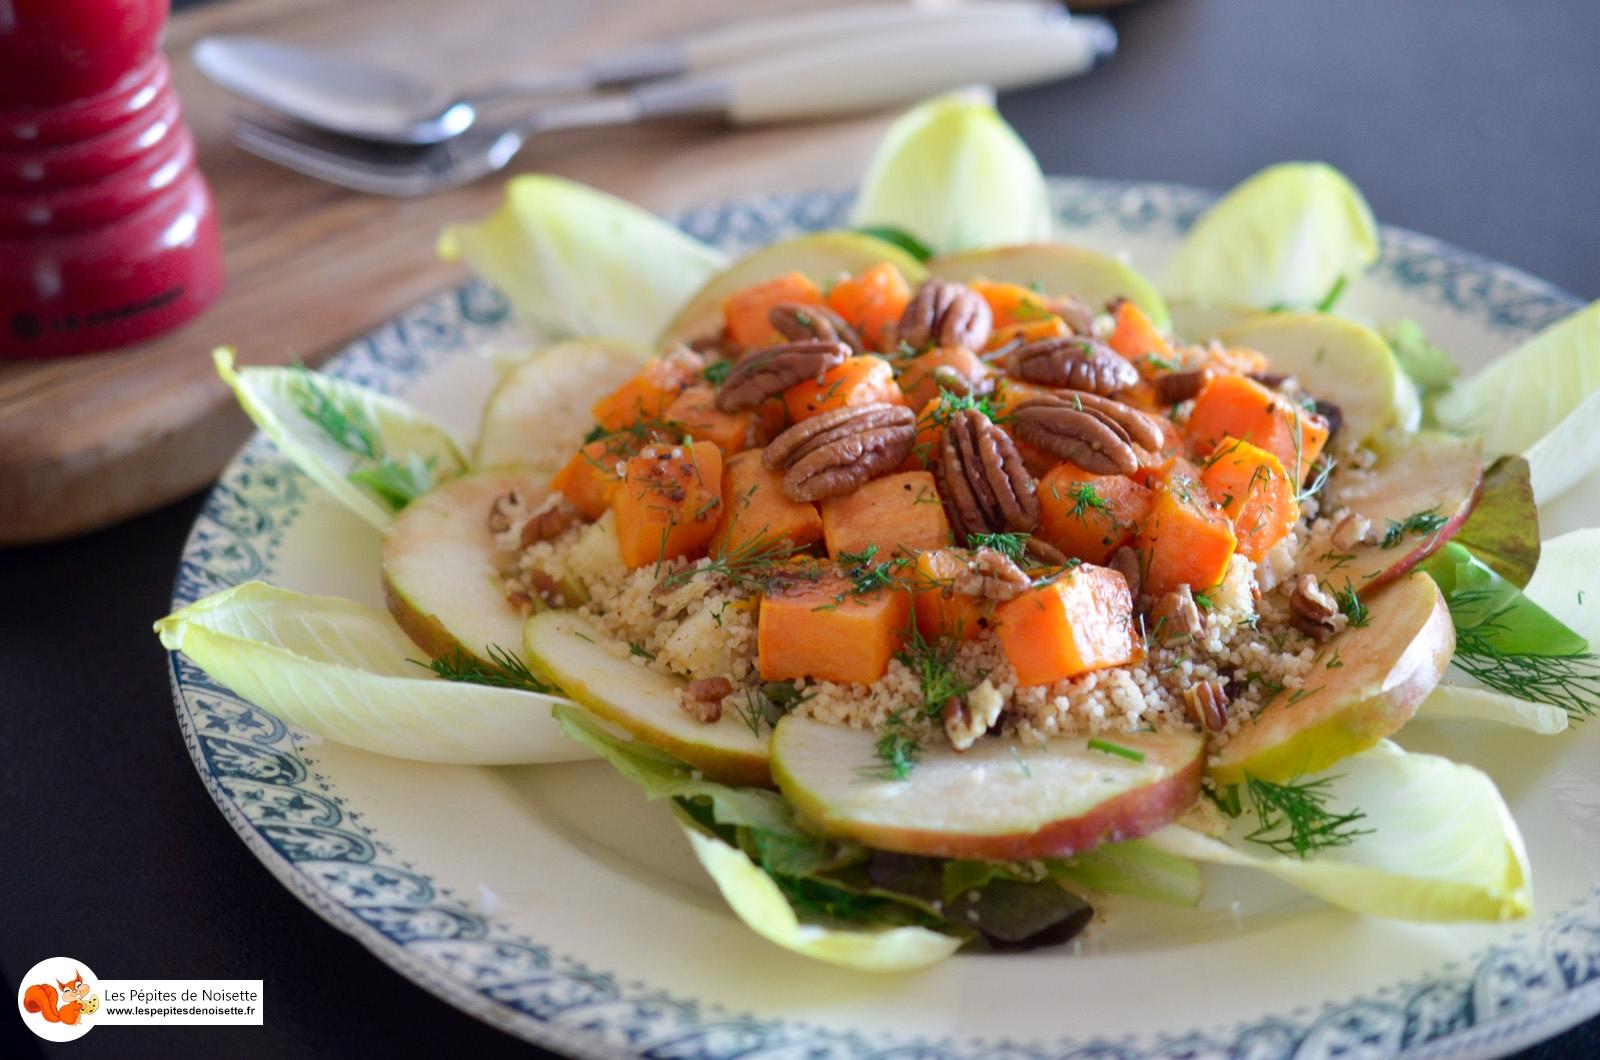 Salade aux patates douces r ties p can et sa vinaigrette orange balsamique les p pites de - Recette patate douce blanche ...